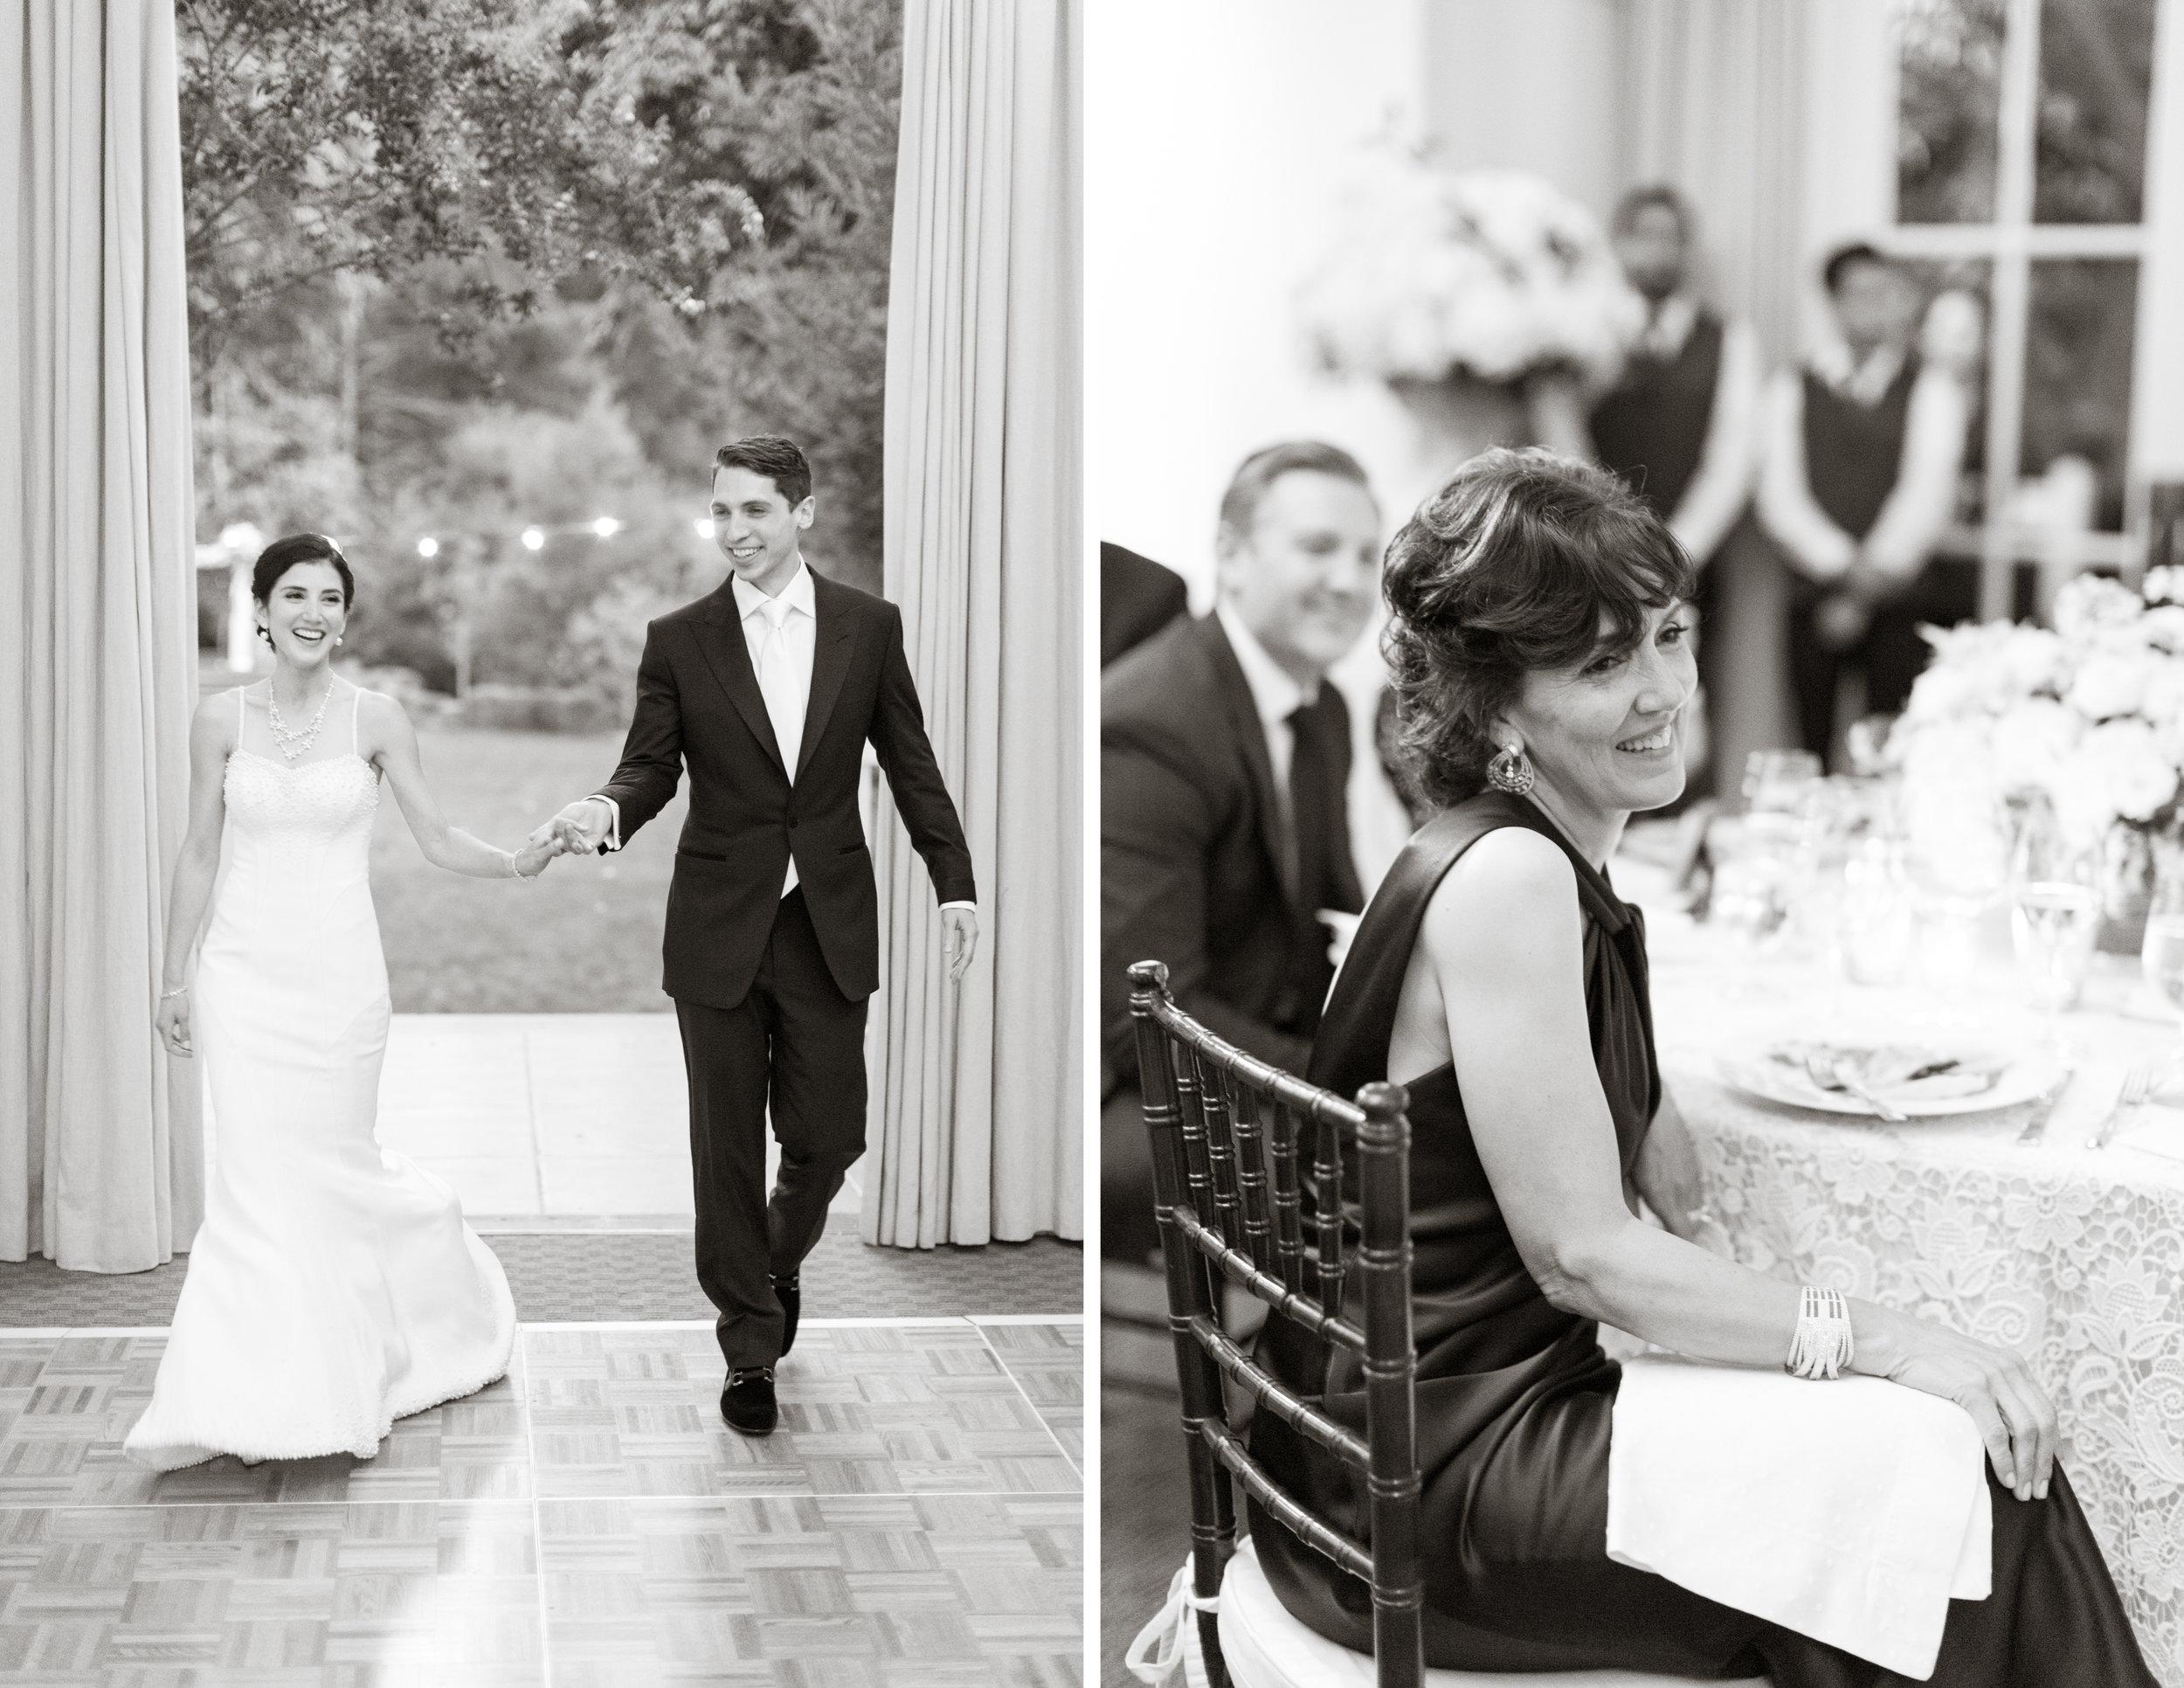 meadowood wedding 14.jpg